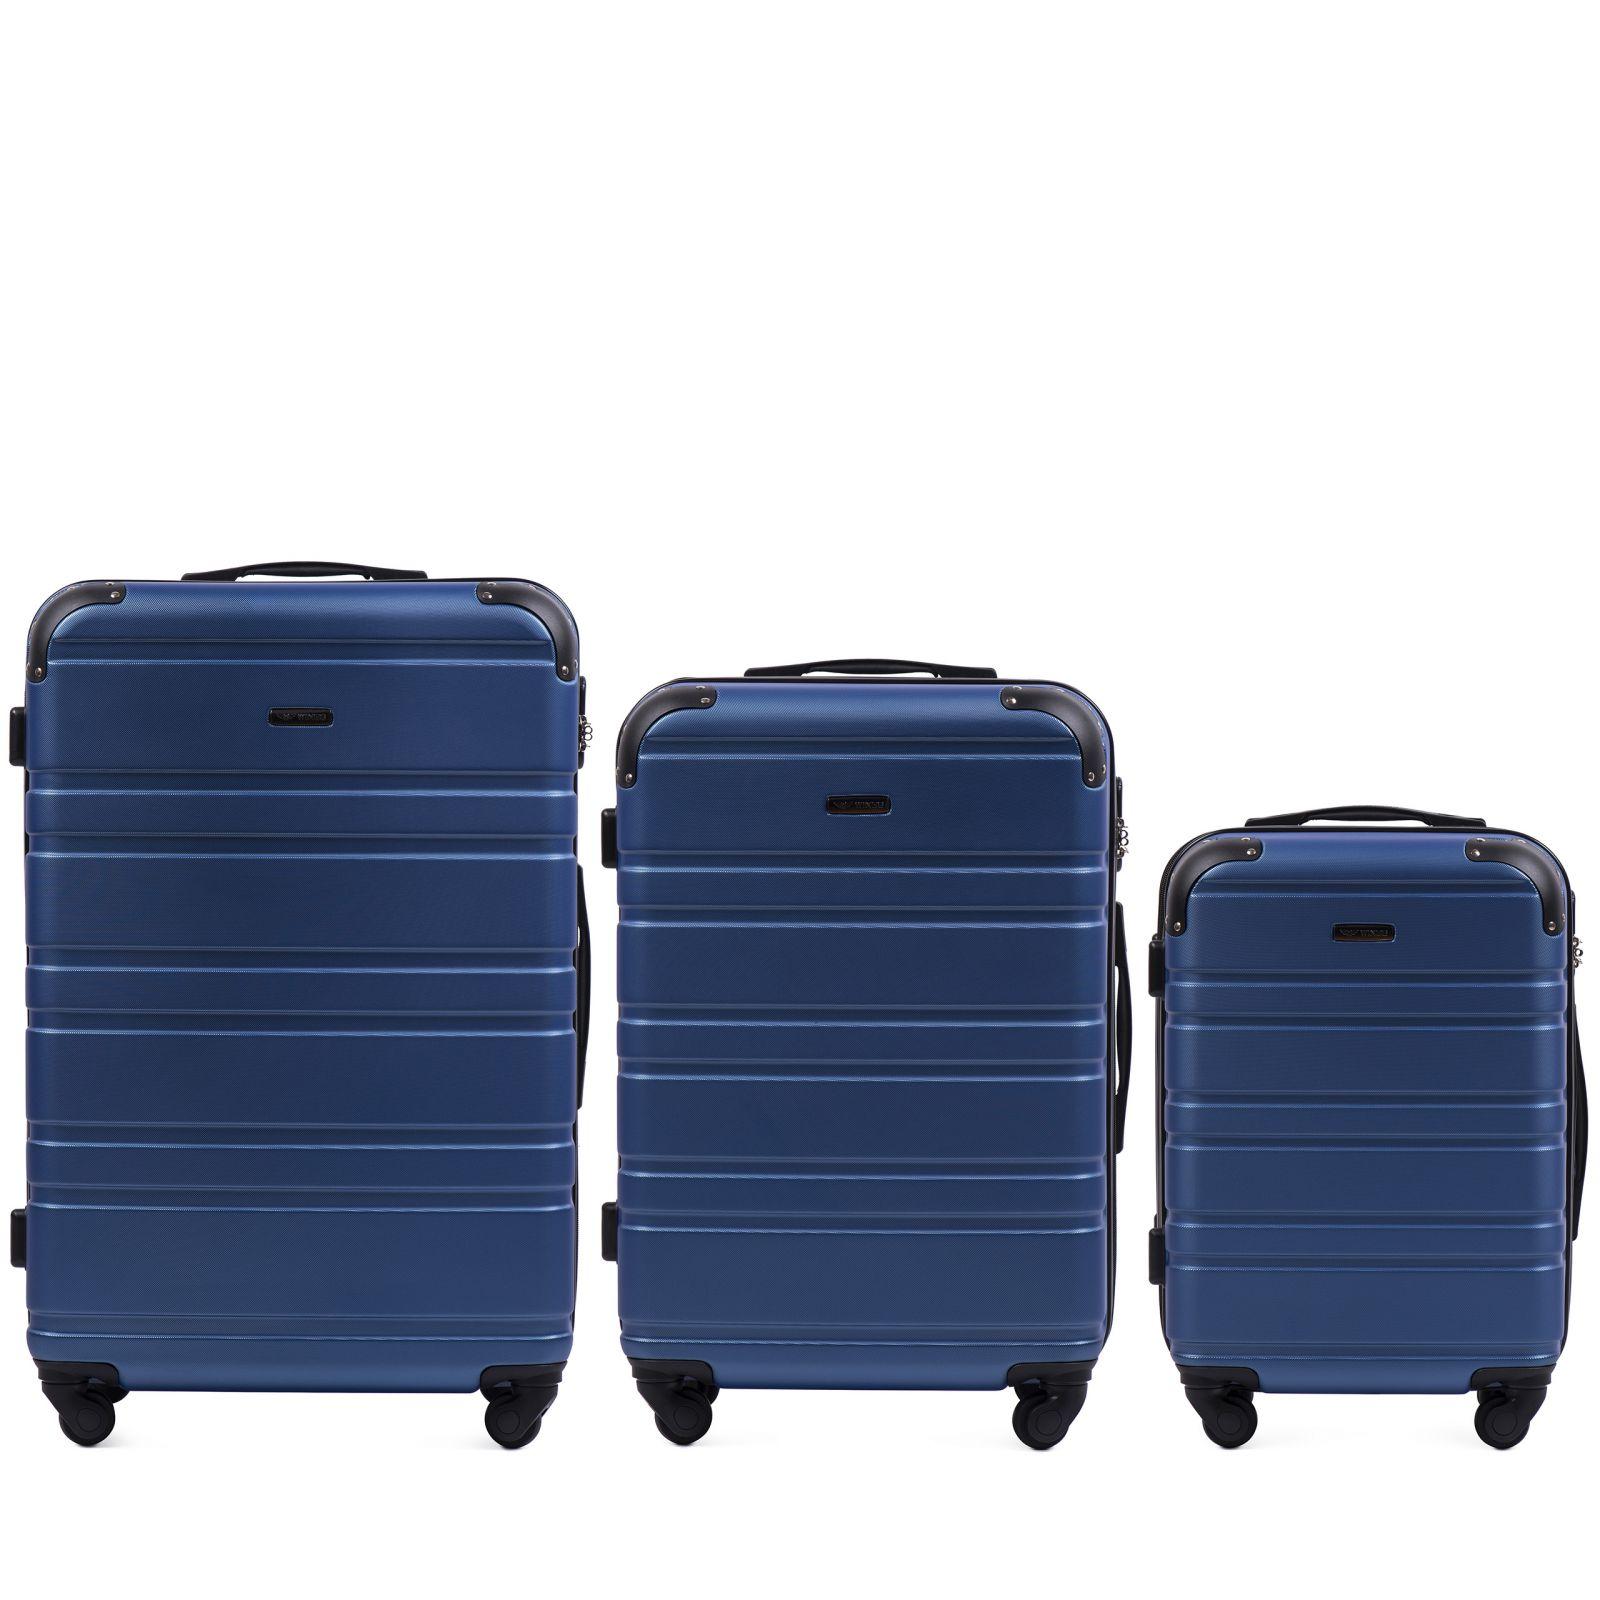 Cestovní kufry sada WINGS 608 ABS MIDDLE BLUE L,M,S E-batoh